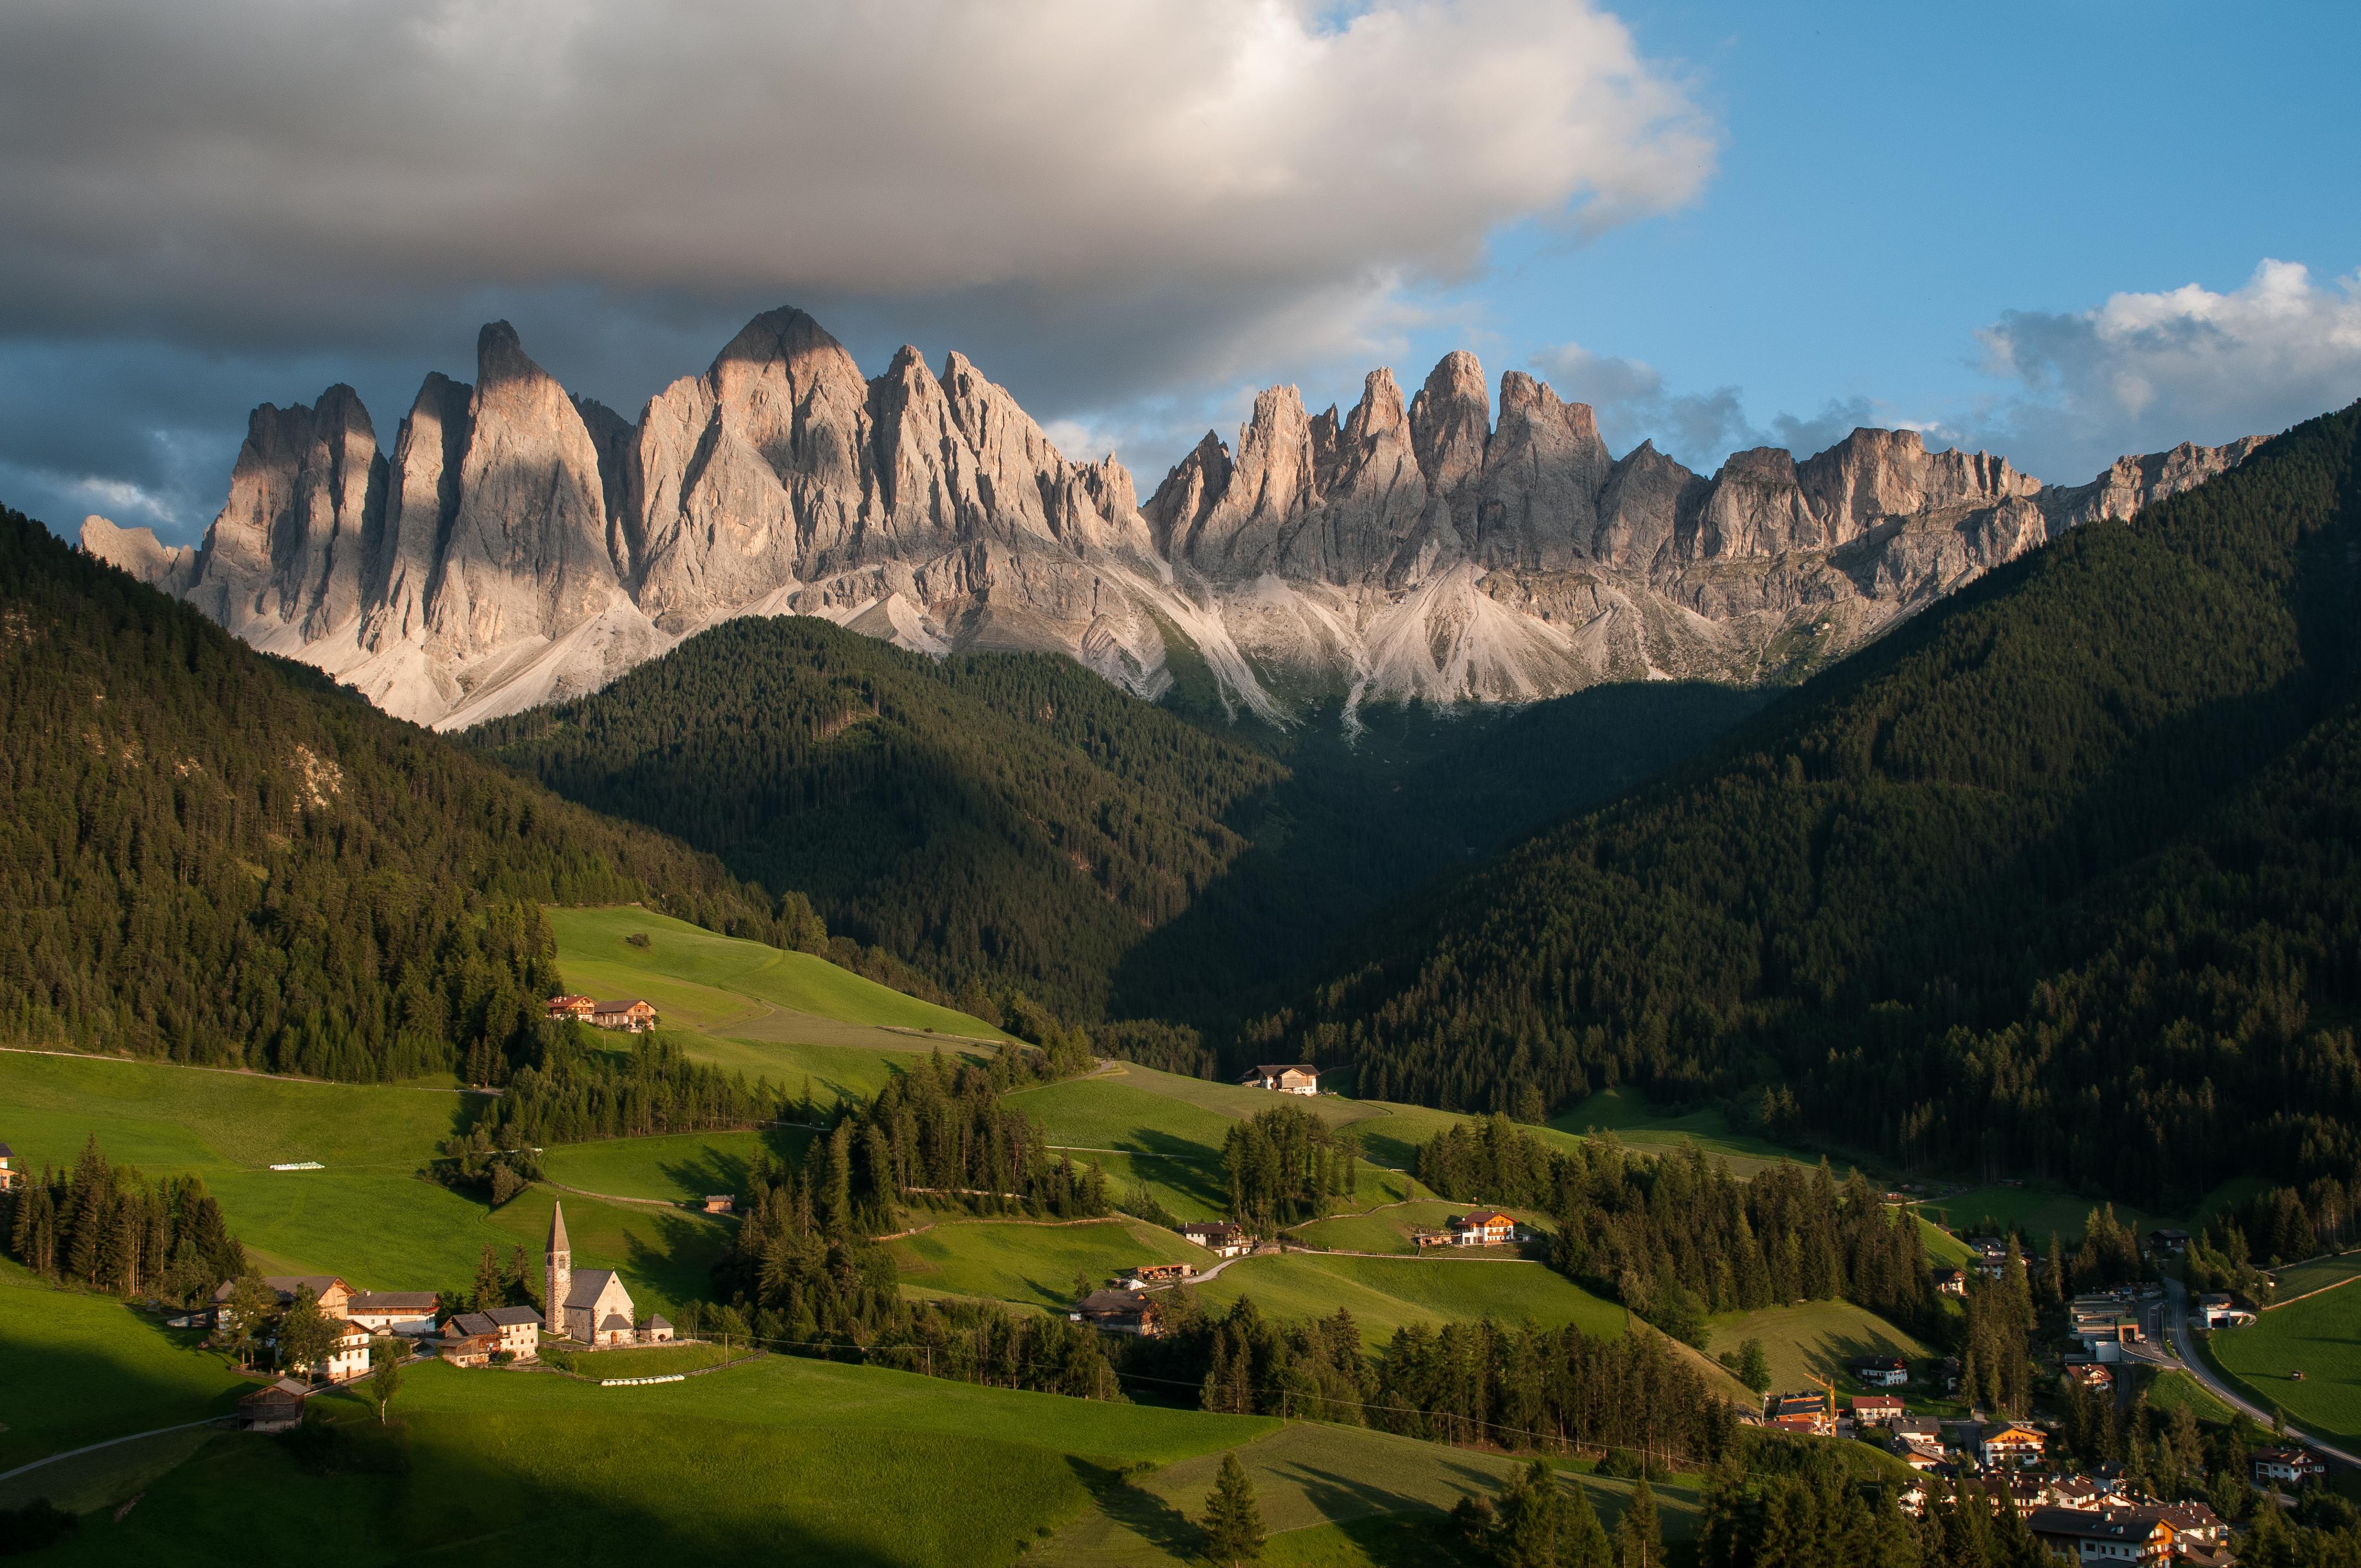 Dolomiti - Odle_7826959990_o